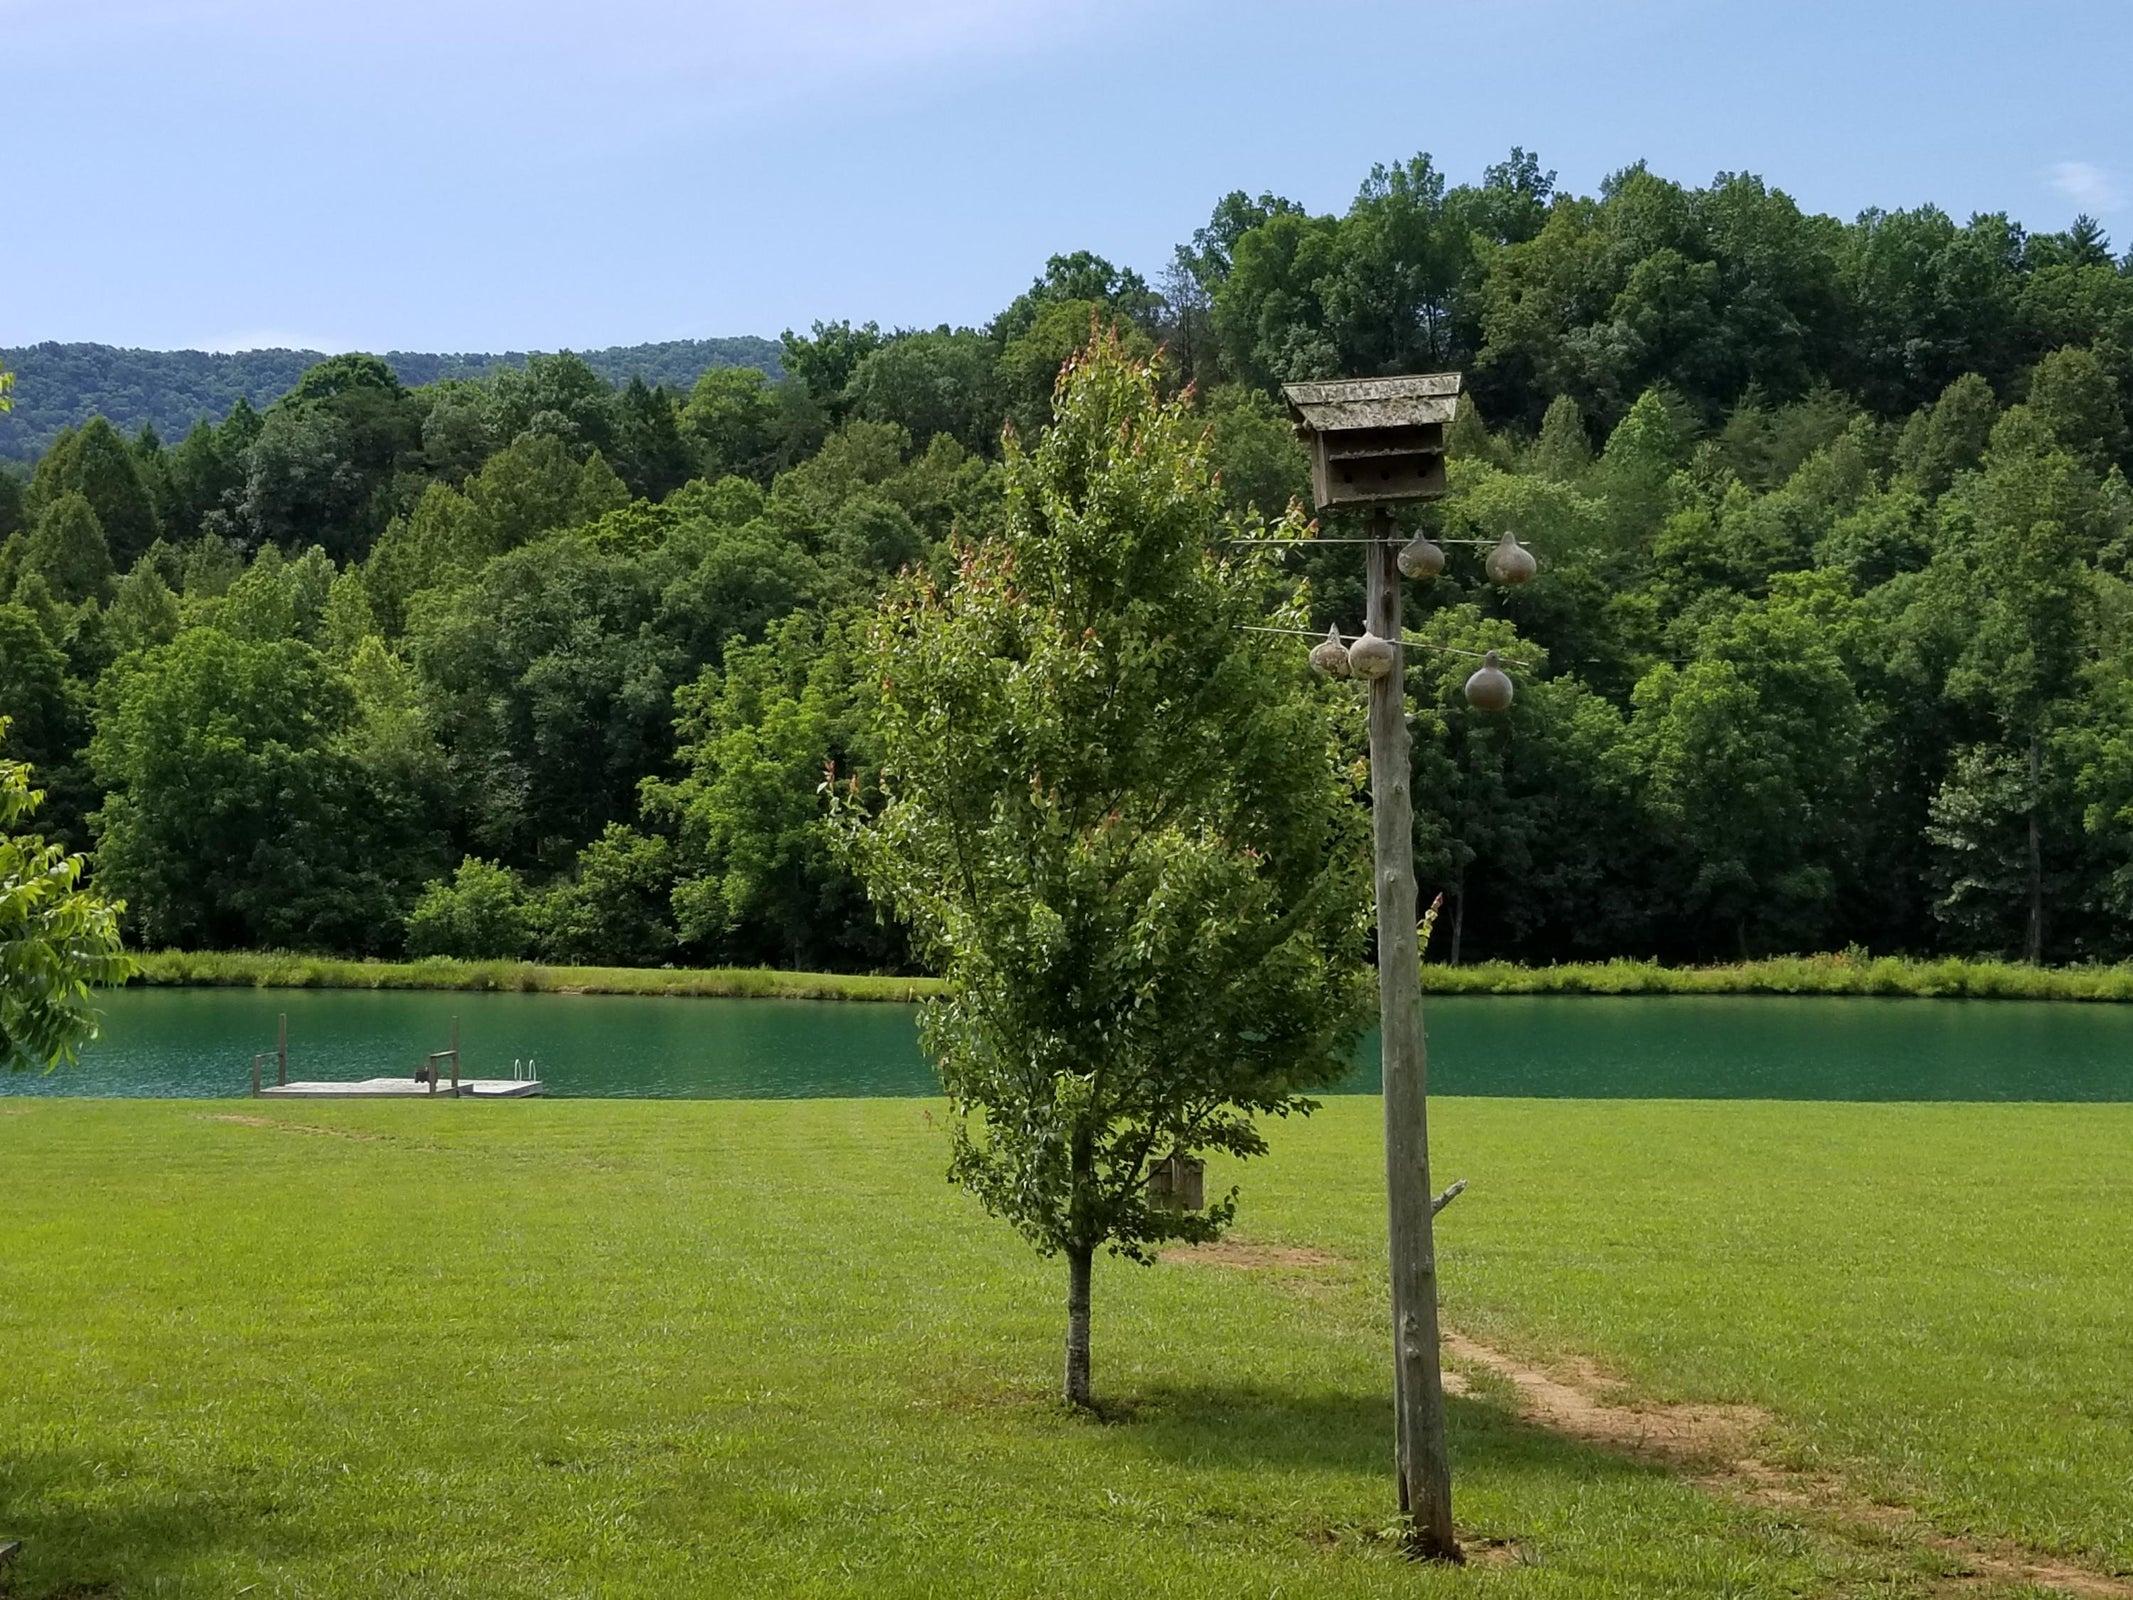 4-5 acre lake